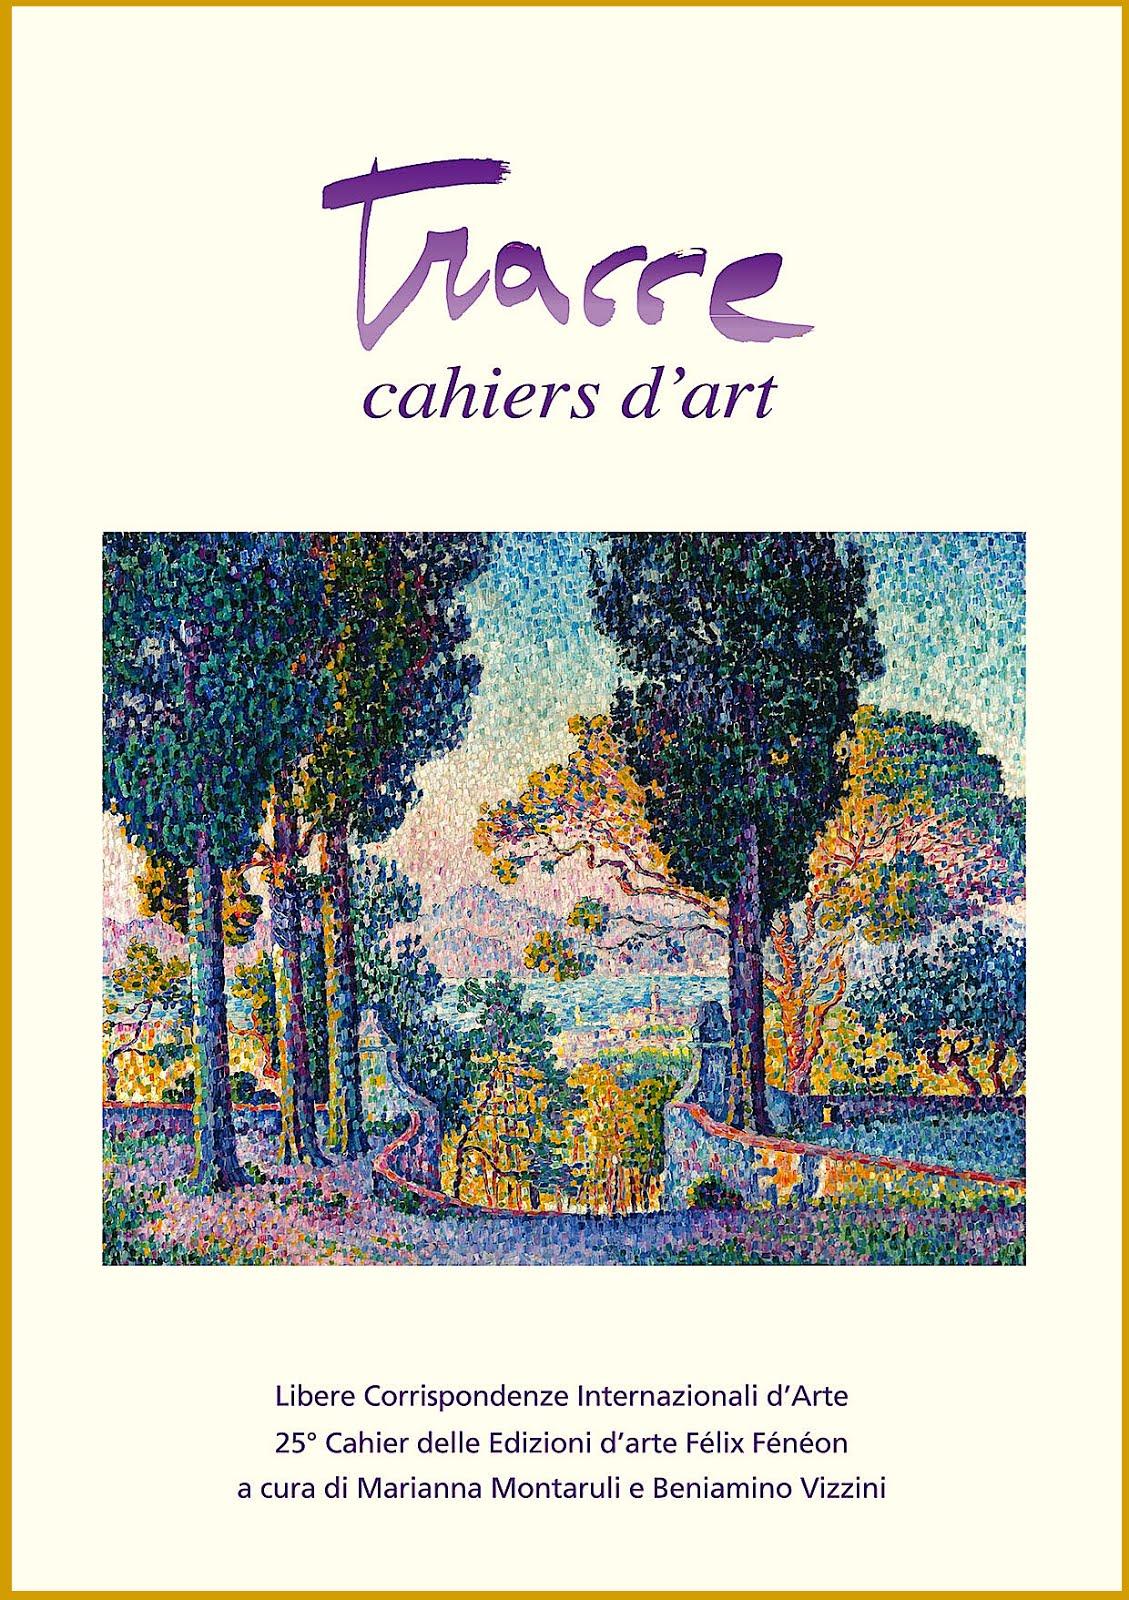 Copertina del N. 25 di TRACCE CAHIERS D&#39;ART.<br>Per sapere su Mostre e Artisti CLIC sulla foto: